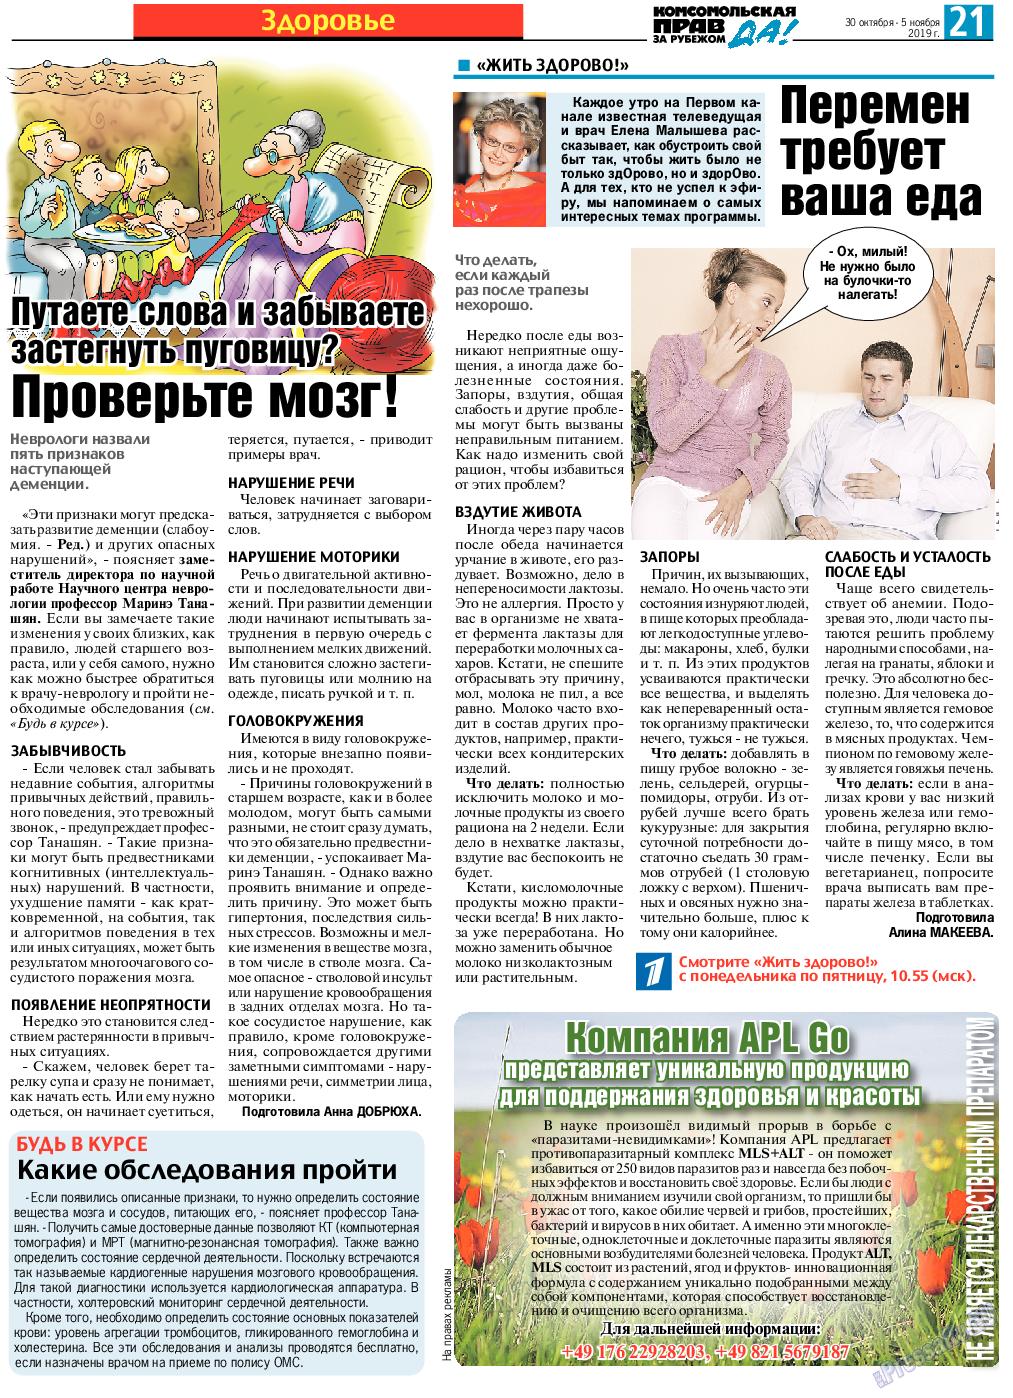 КП в Европе (газета). 2019 год, номер 44, стр. 21